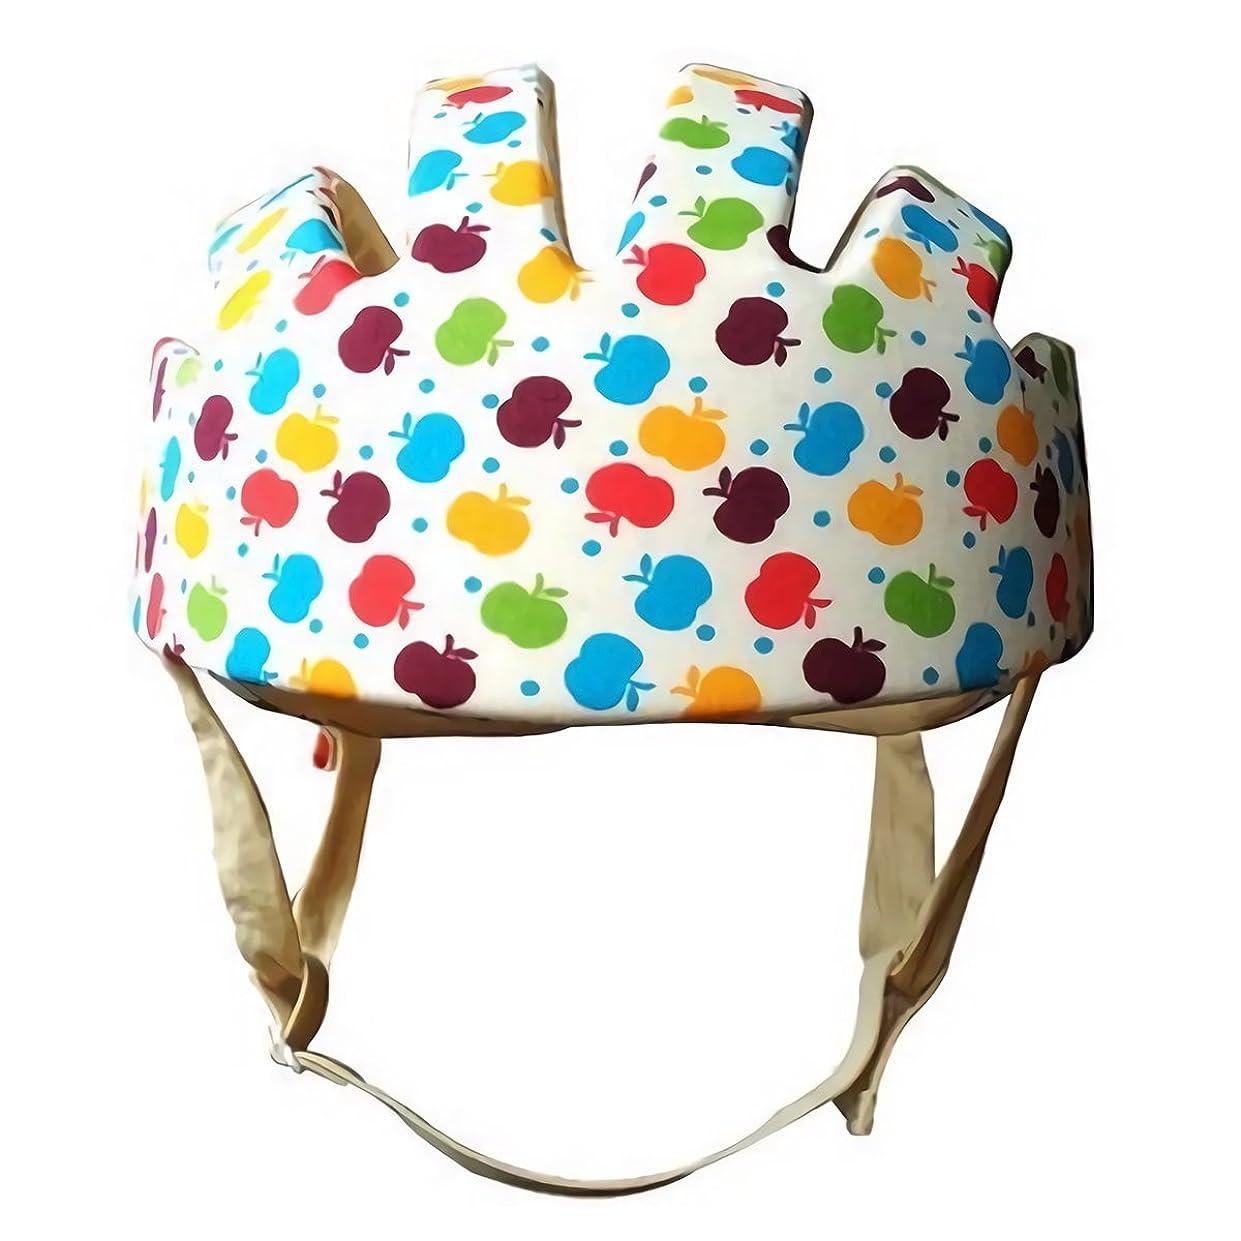 オークランド広範囲に考古学的な安全ヘルメット スポンジ ベビー 乳幼児 安全 ヘッドガード プロテクター 保護 ケガ 防止 軽量 サイズ調整可 (カラフル)